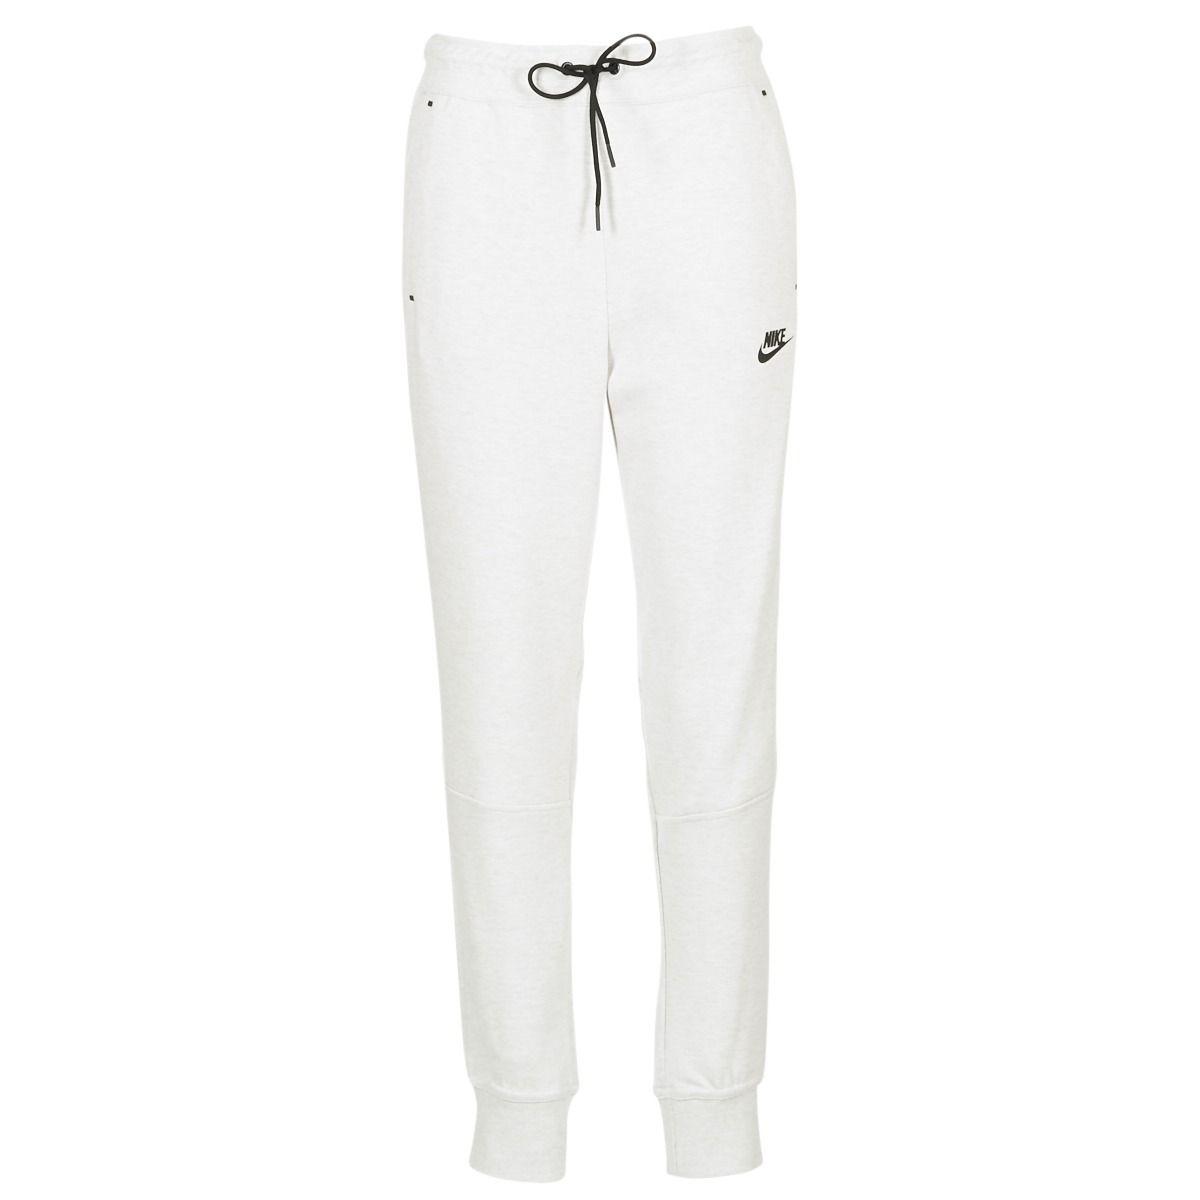 pantaloni della tuta donna nike